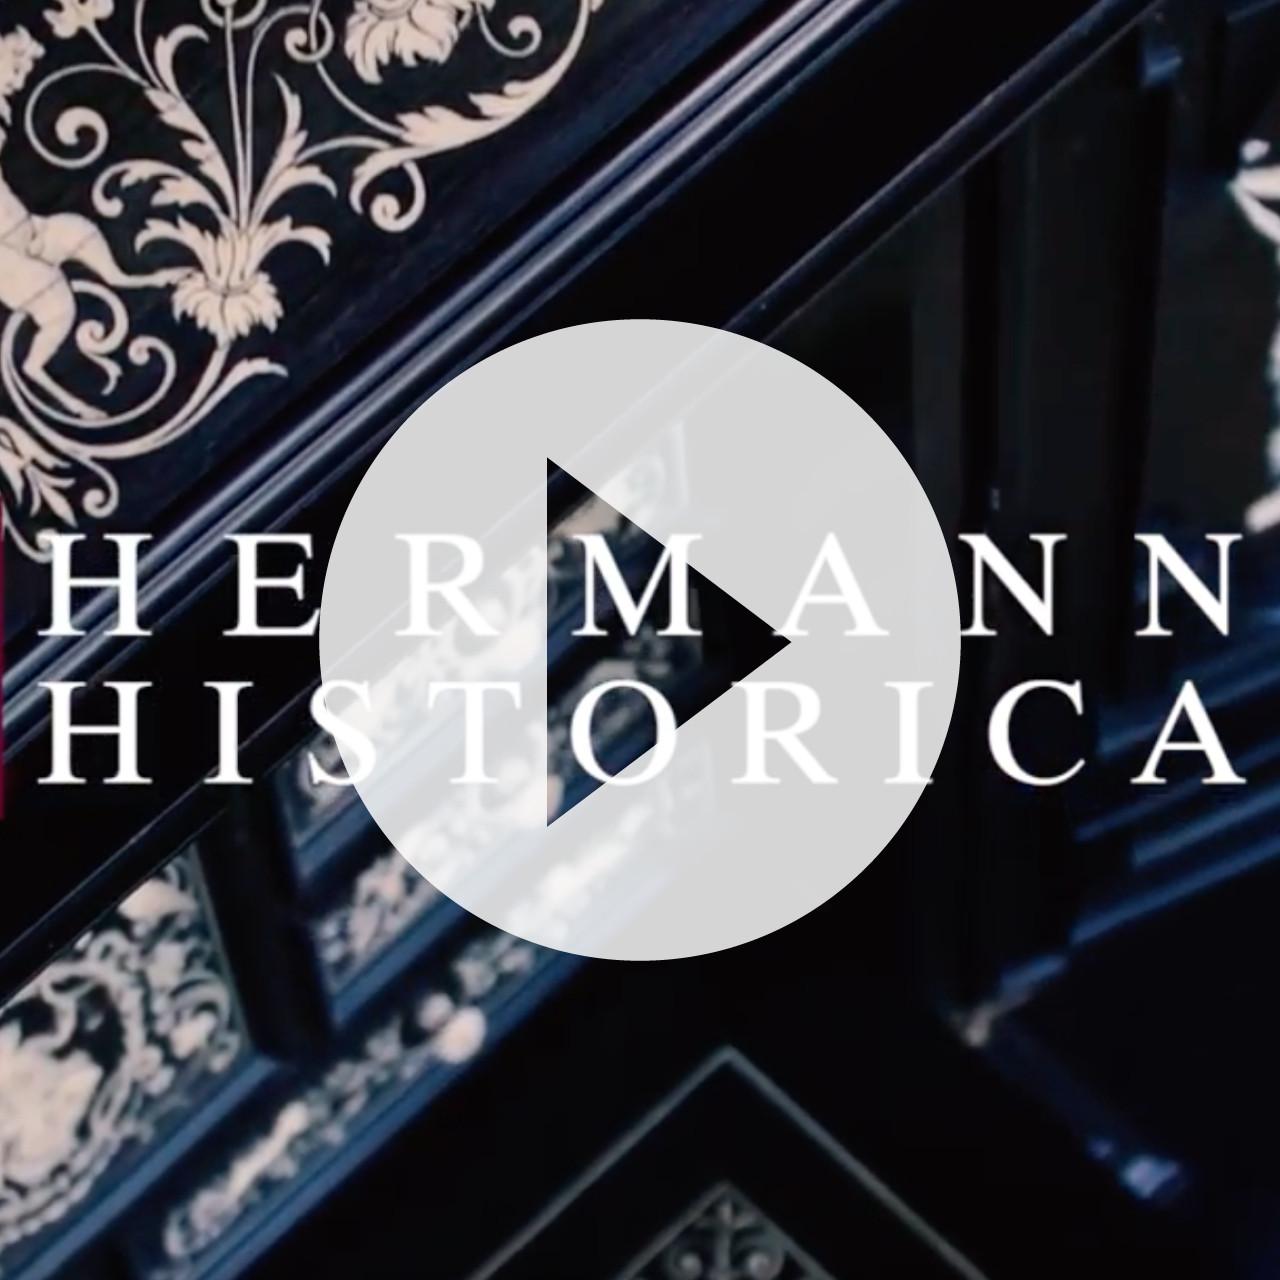 hermann historica münchen